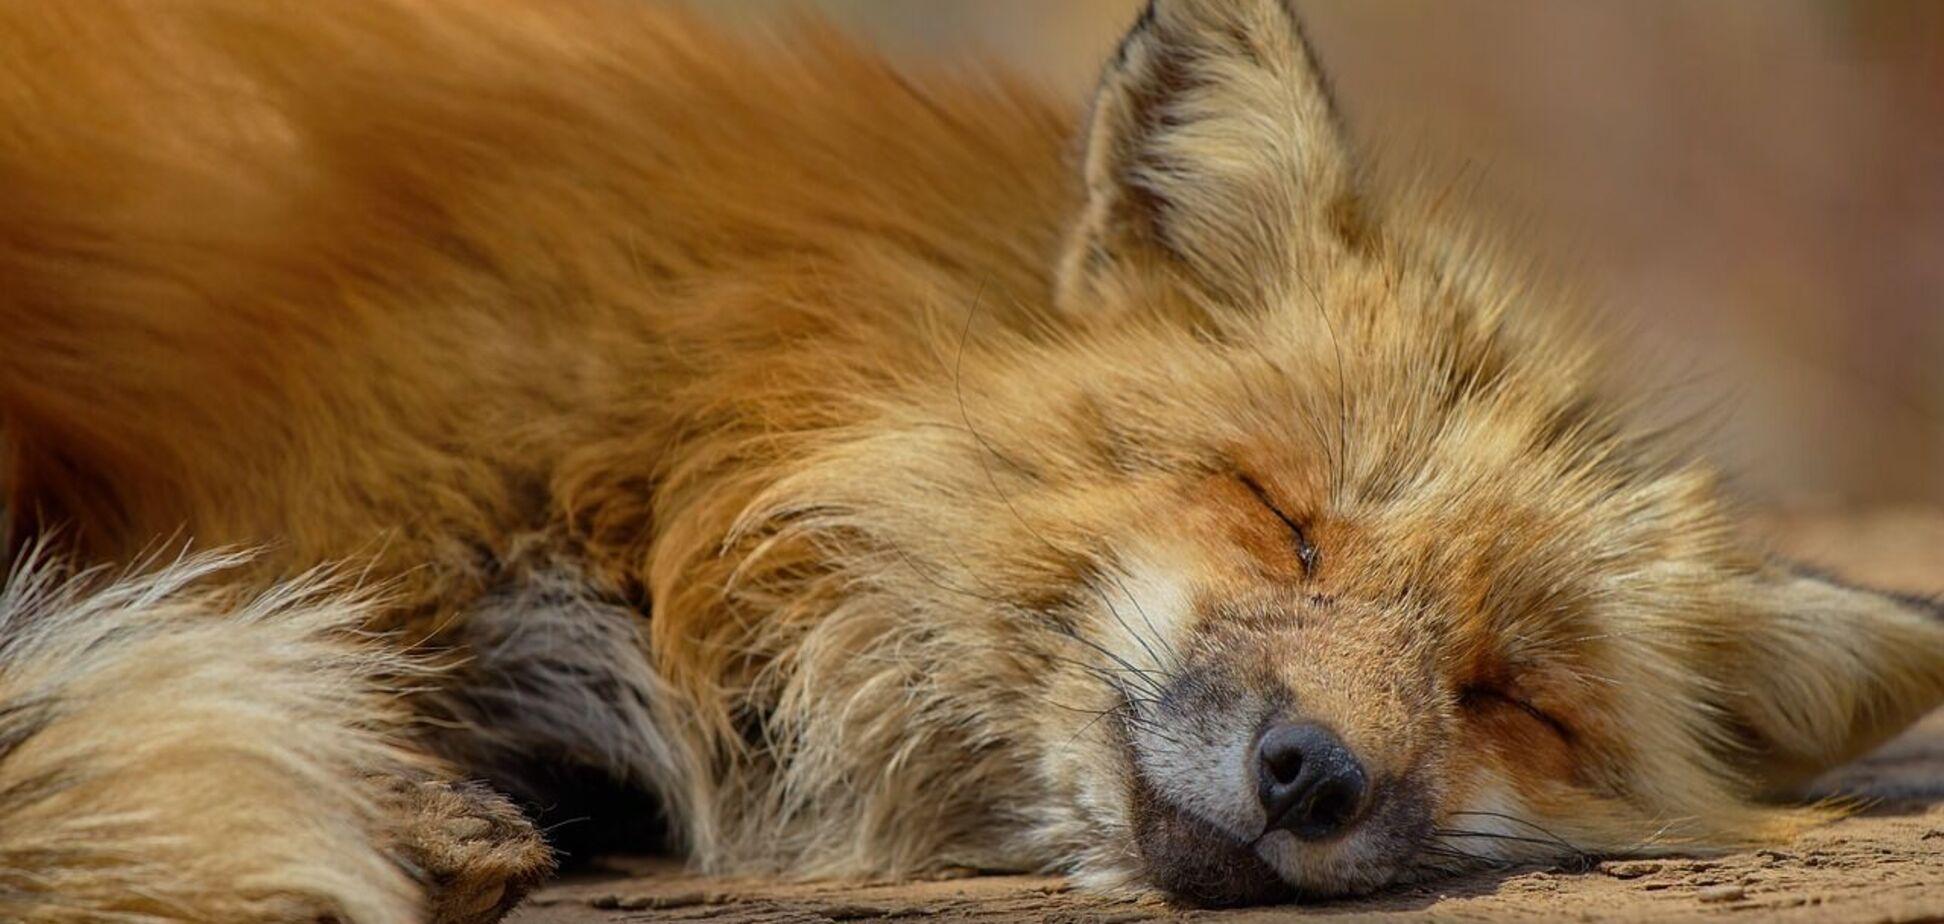 У Києві скажена лисиця напала на жінку